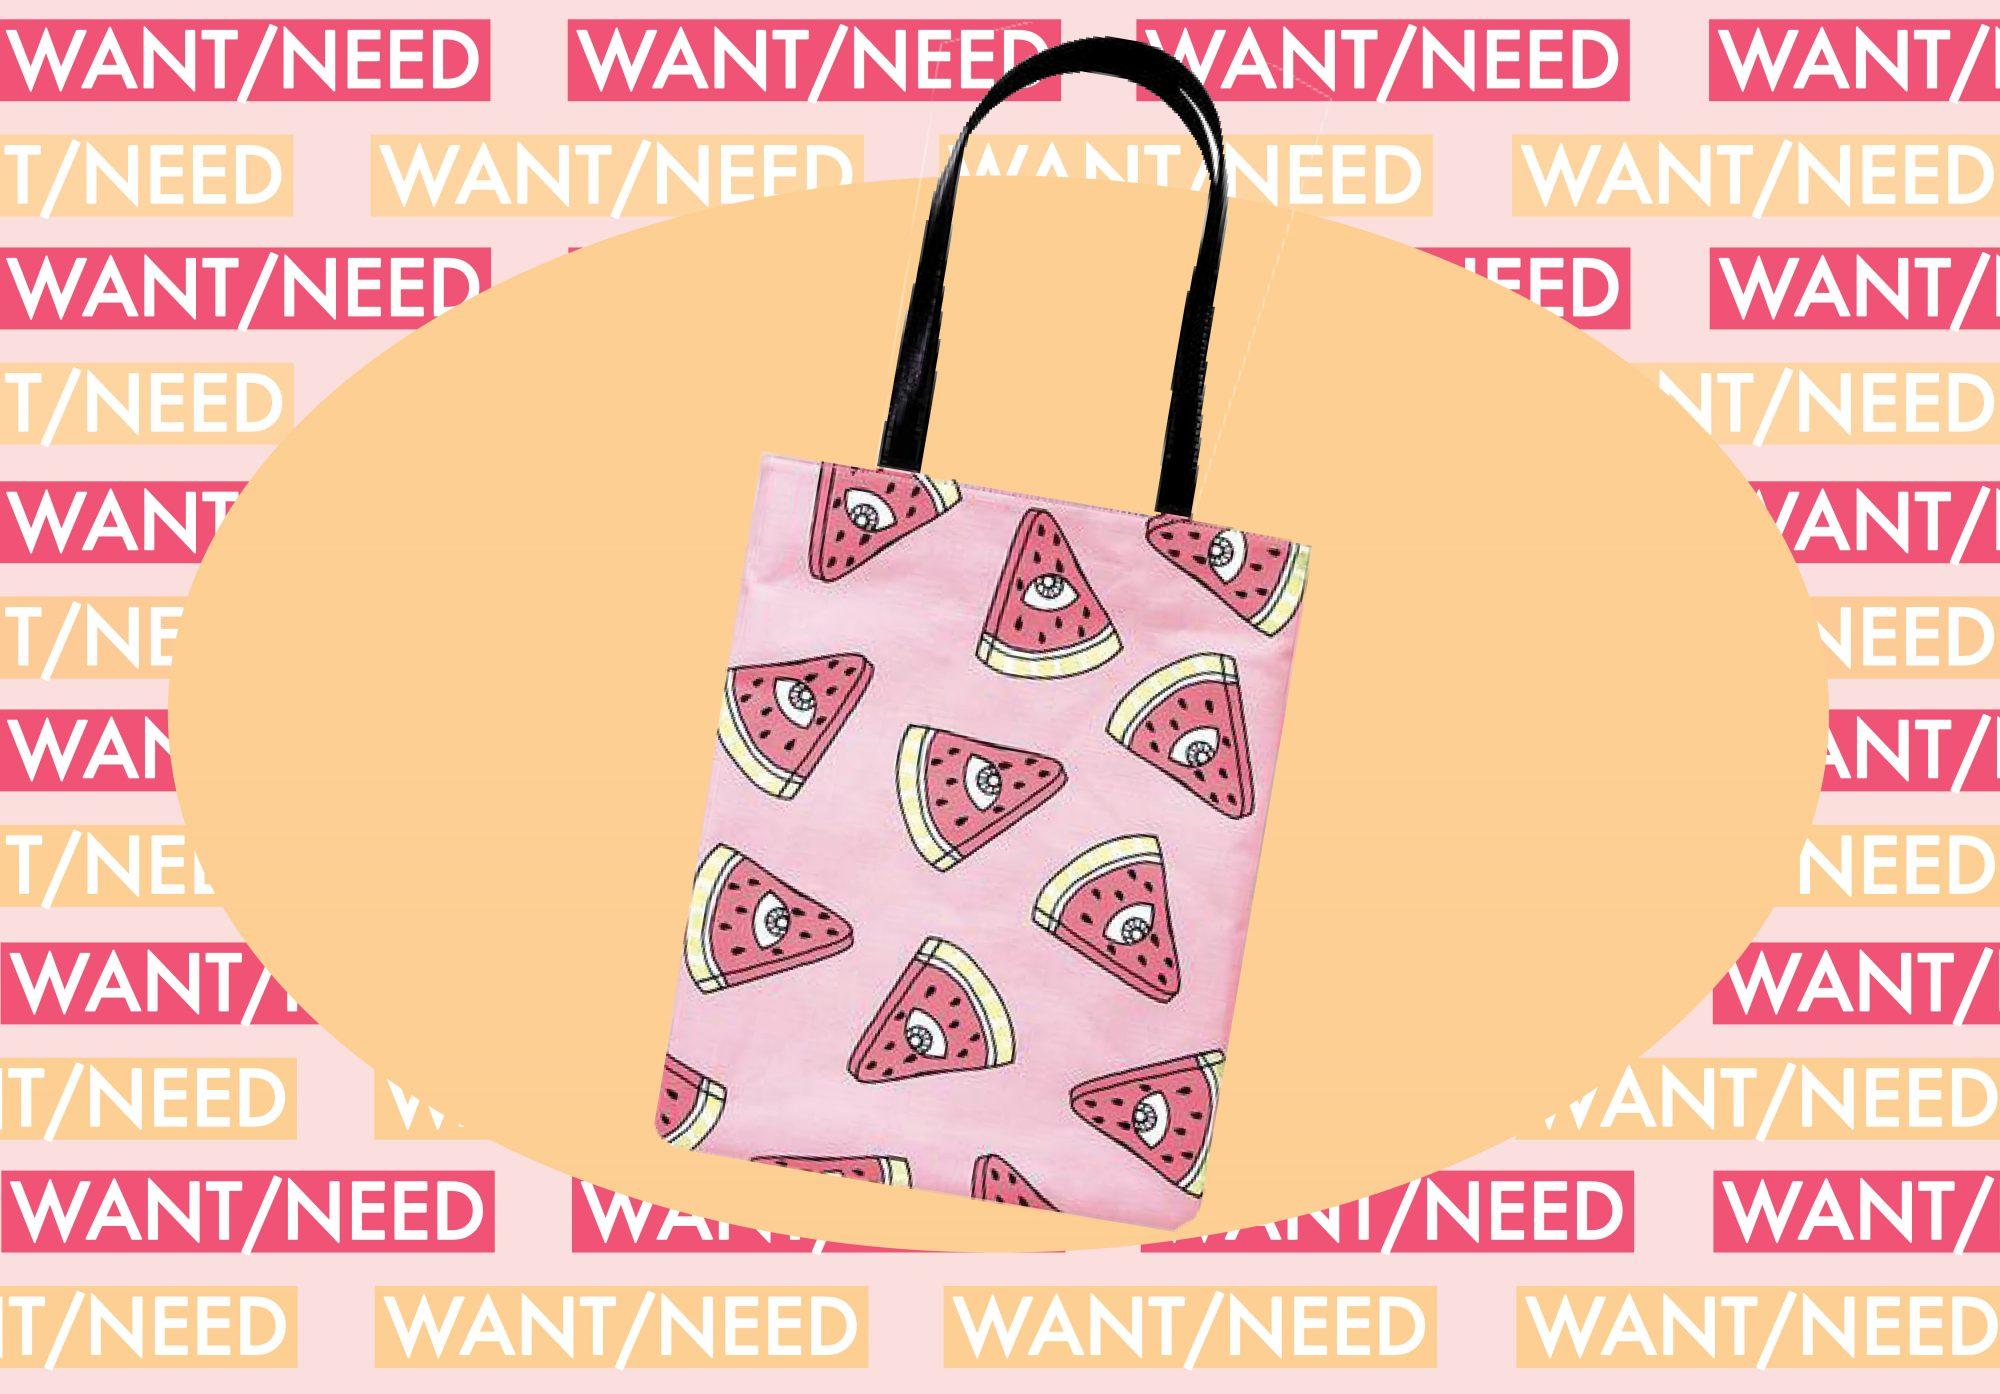 want_need_8